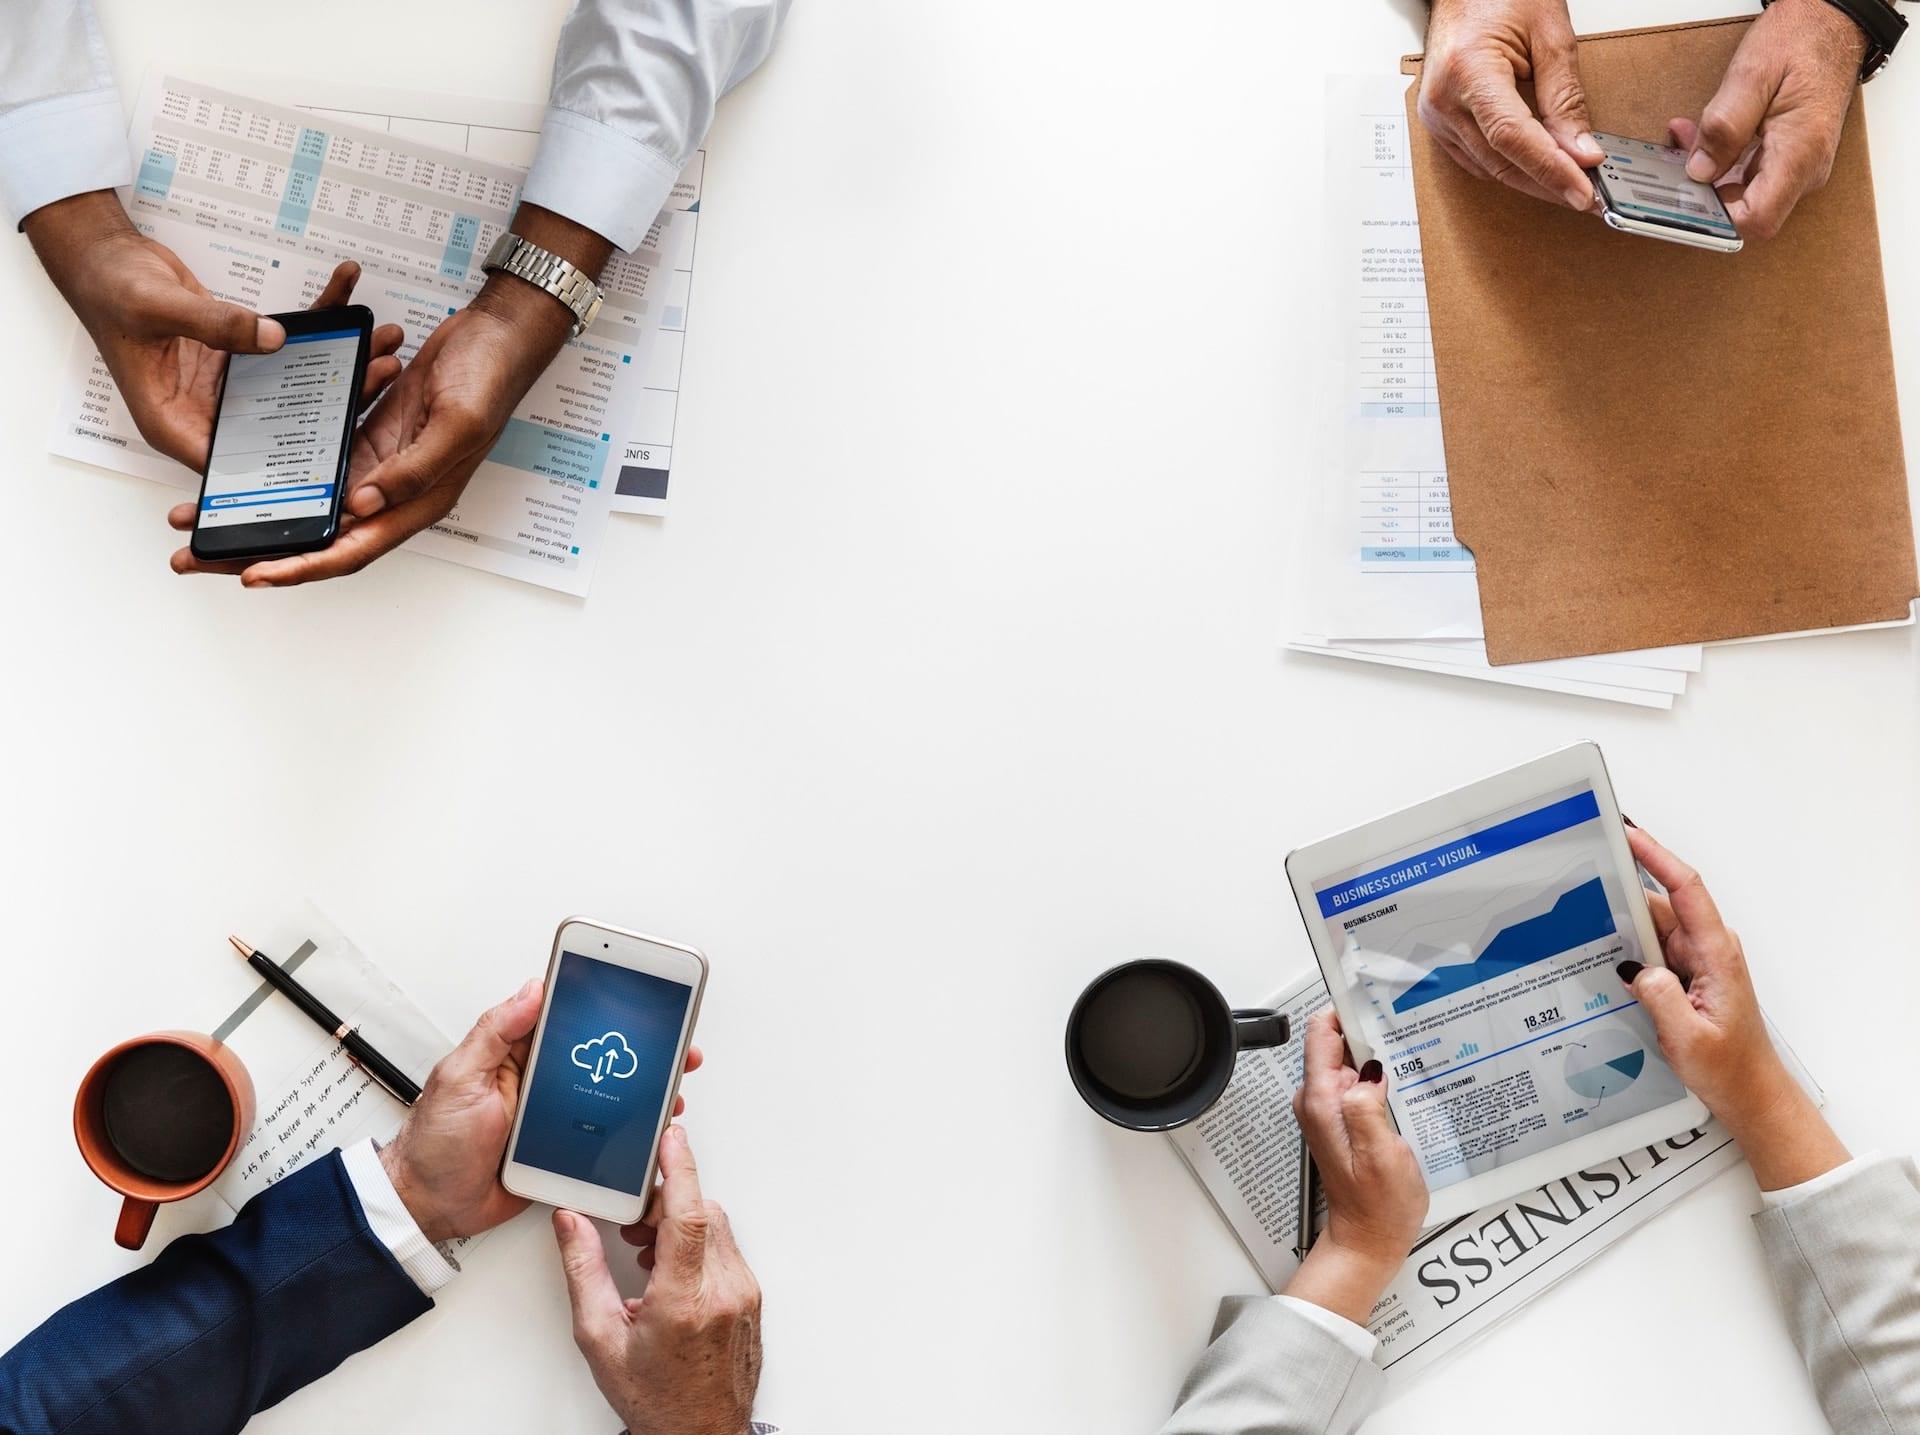 Komunikacja marketingowa punktem wyjścia w budowaniu pozytywnego wizerunku marki